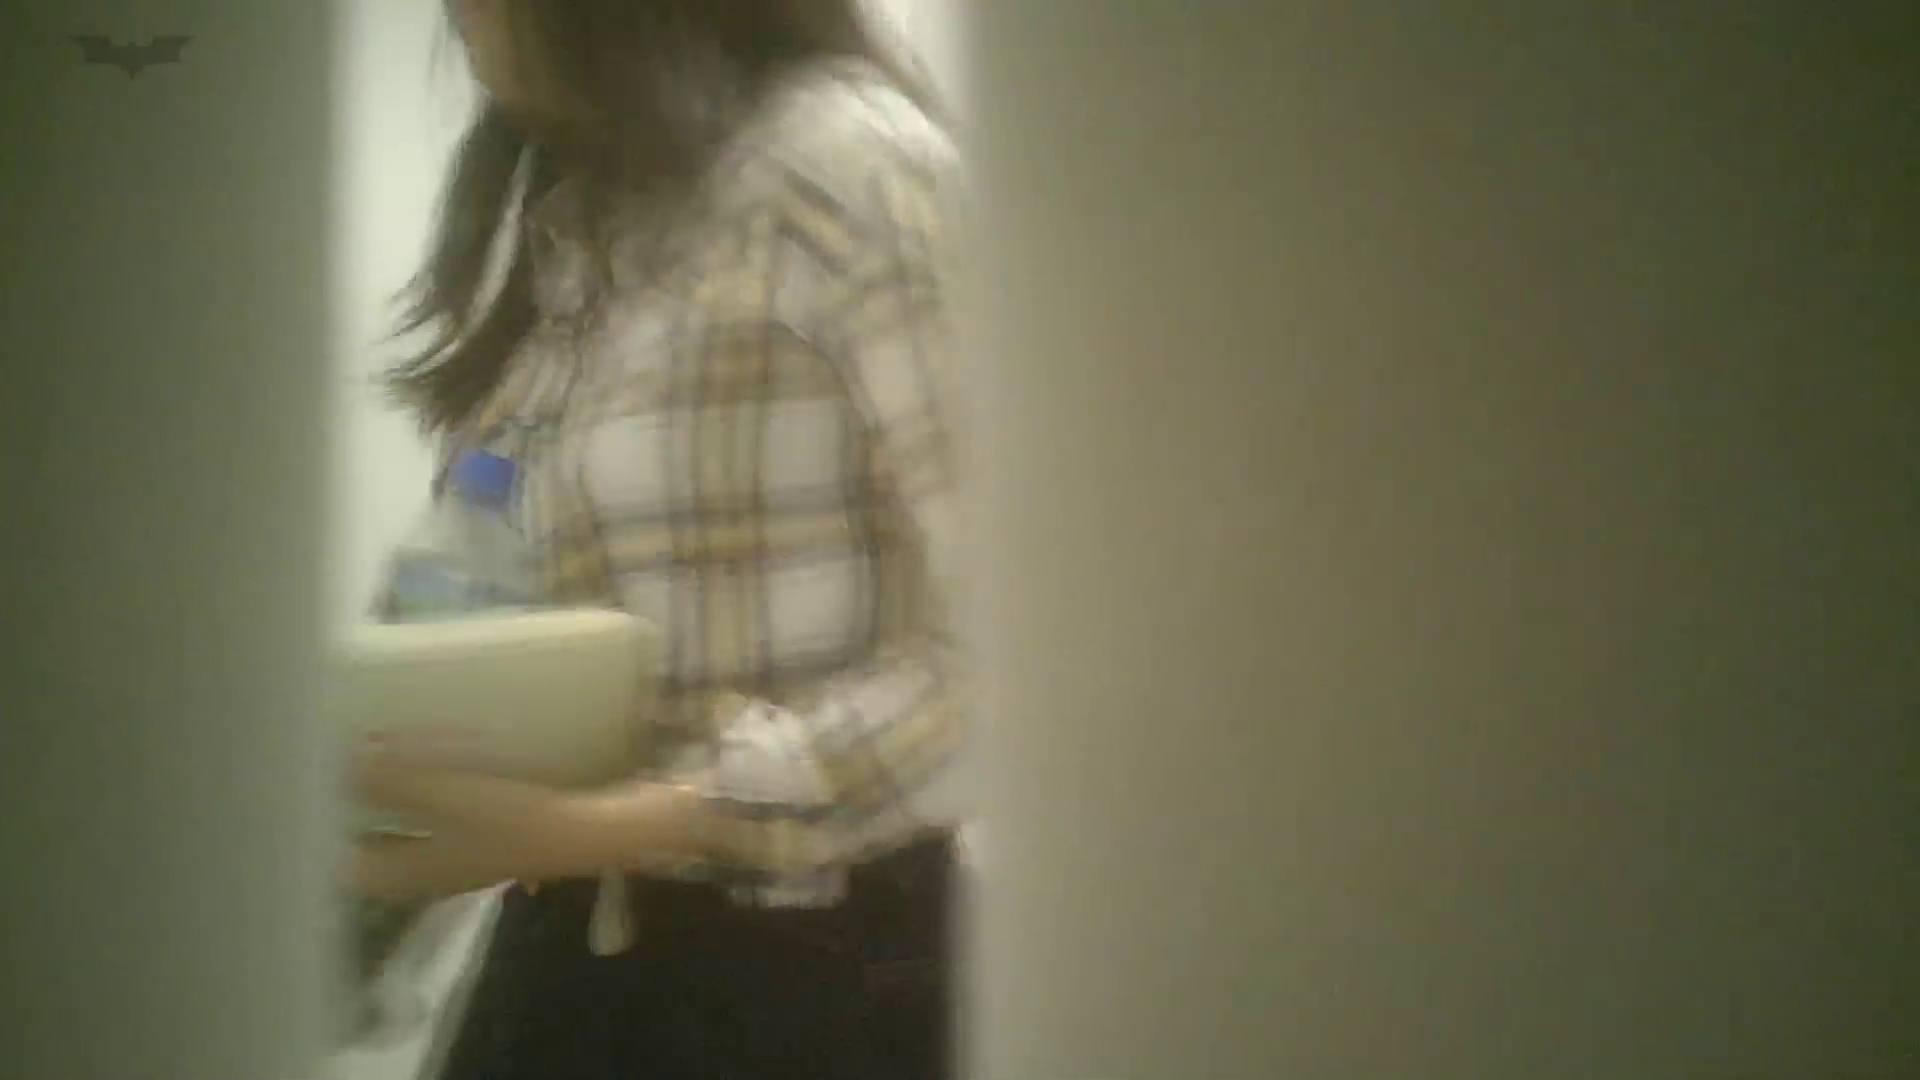 有名大学女性洗面所 vol.50 個室には3つの「目」があるみたいです。 エッチすぎるOL達 われめAV動画紹介 94連発 26